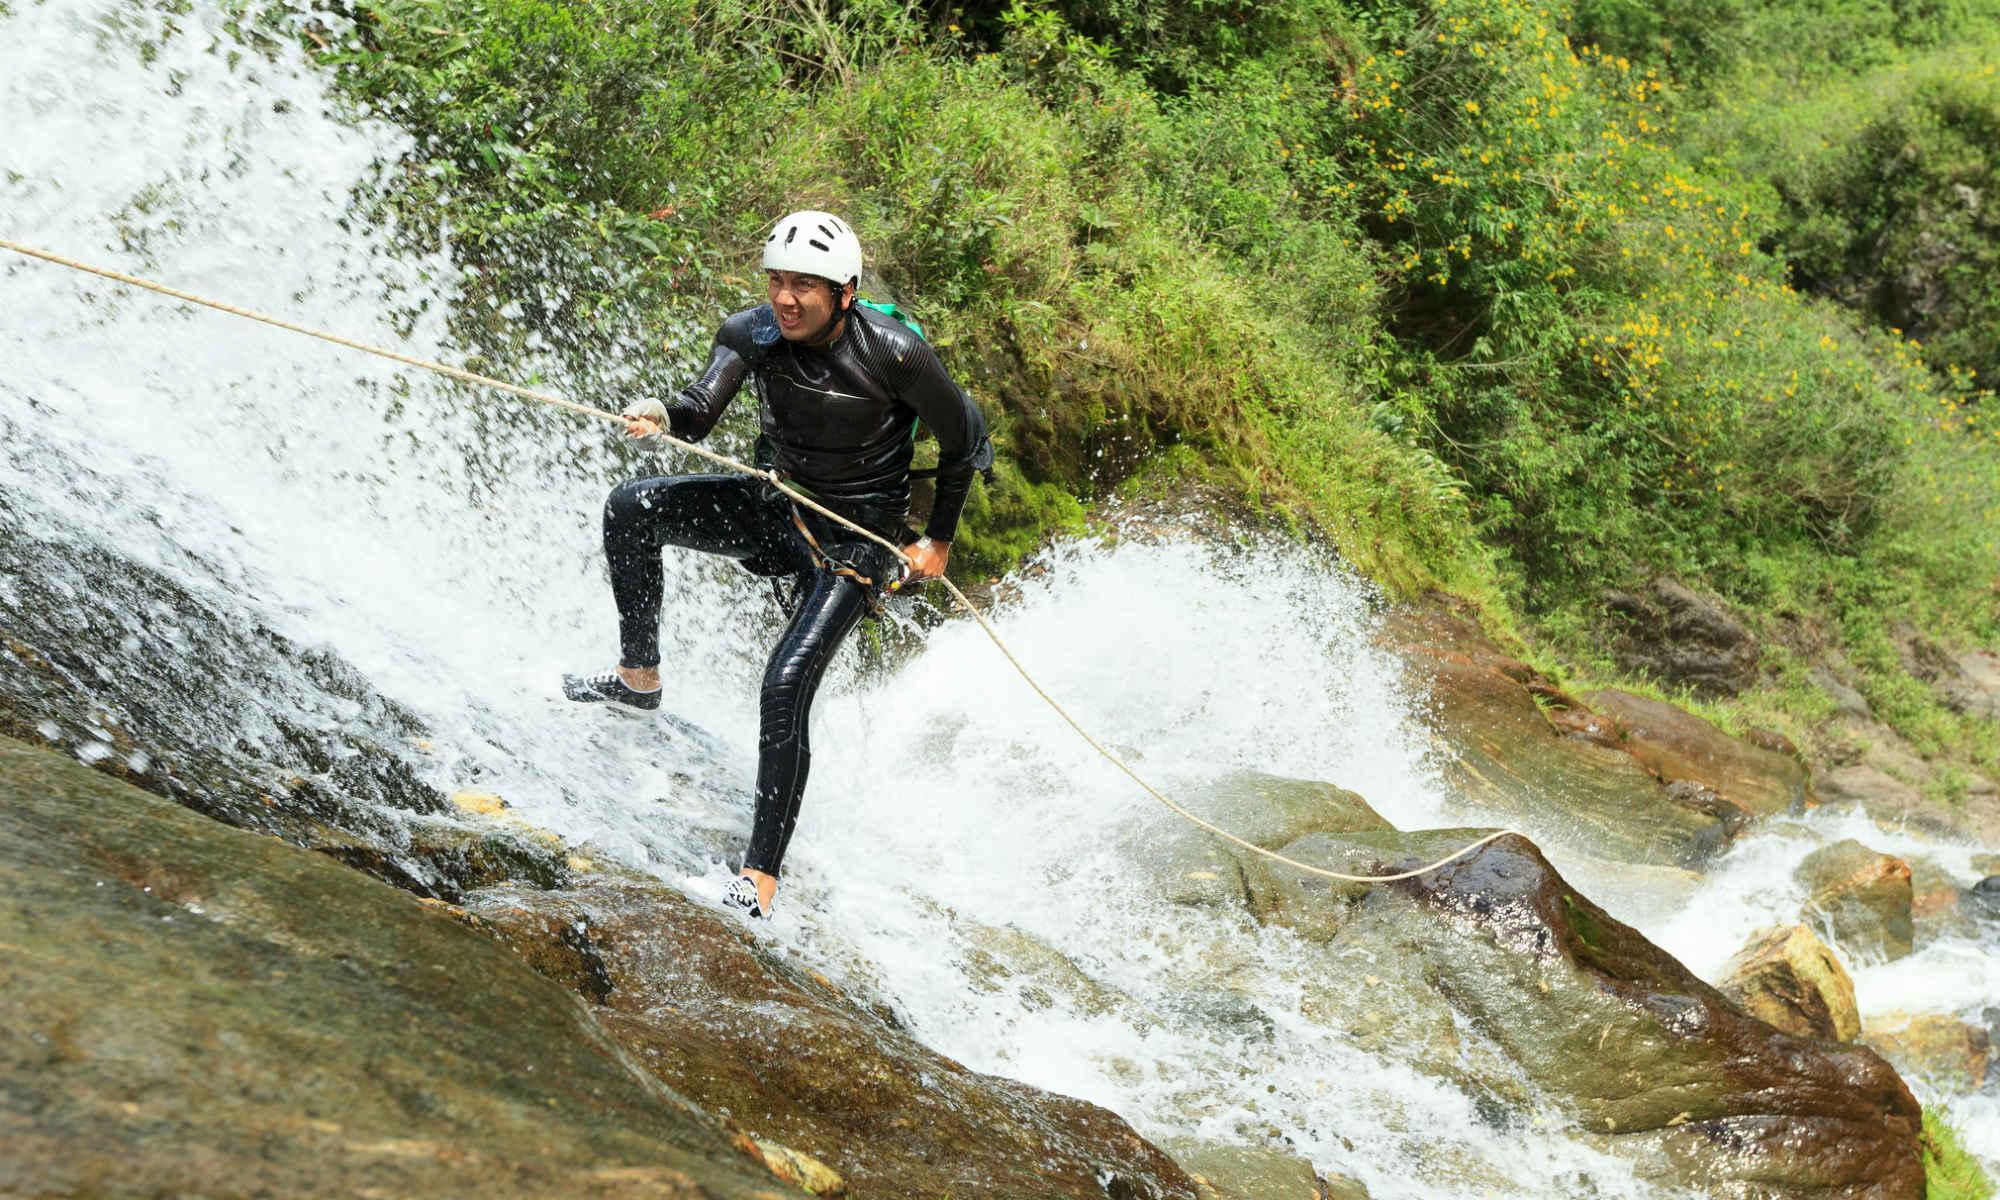 Un canyoniste descend une cascade en rappel.